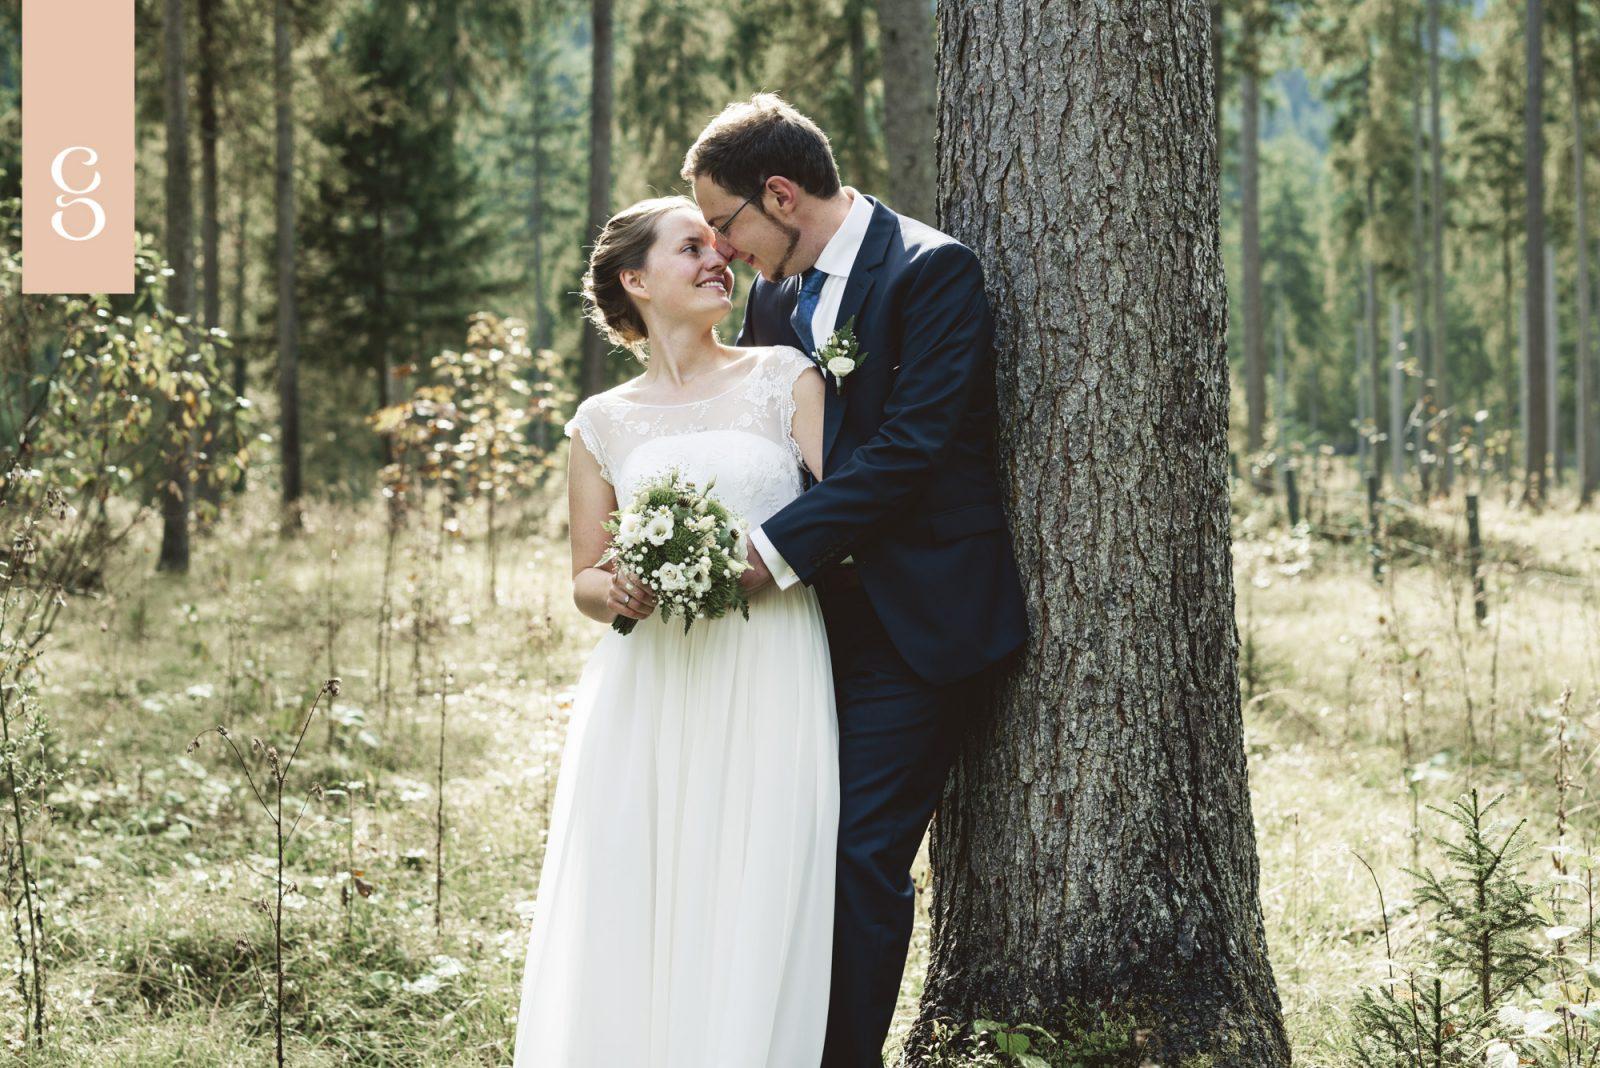 Fotograf_Goettges_Hochzeit_Wedding_Ramsau_Hintersee_Hirschbichl_Berchtesgaden_Hochzeitsfotograf-9